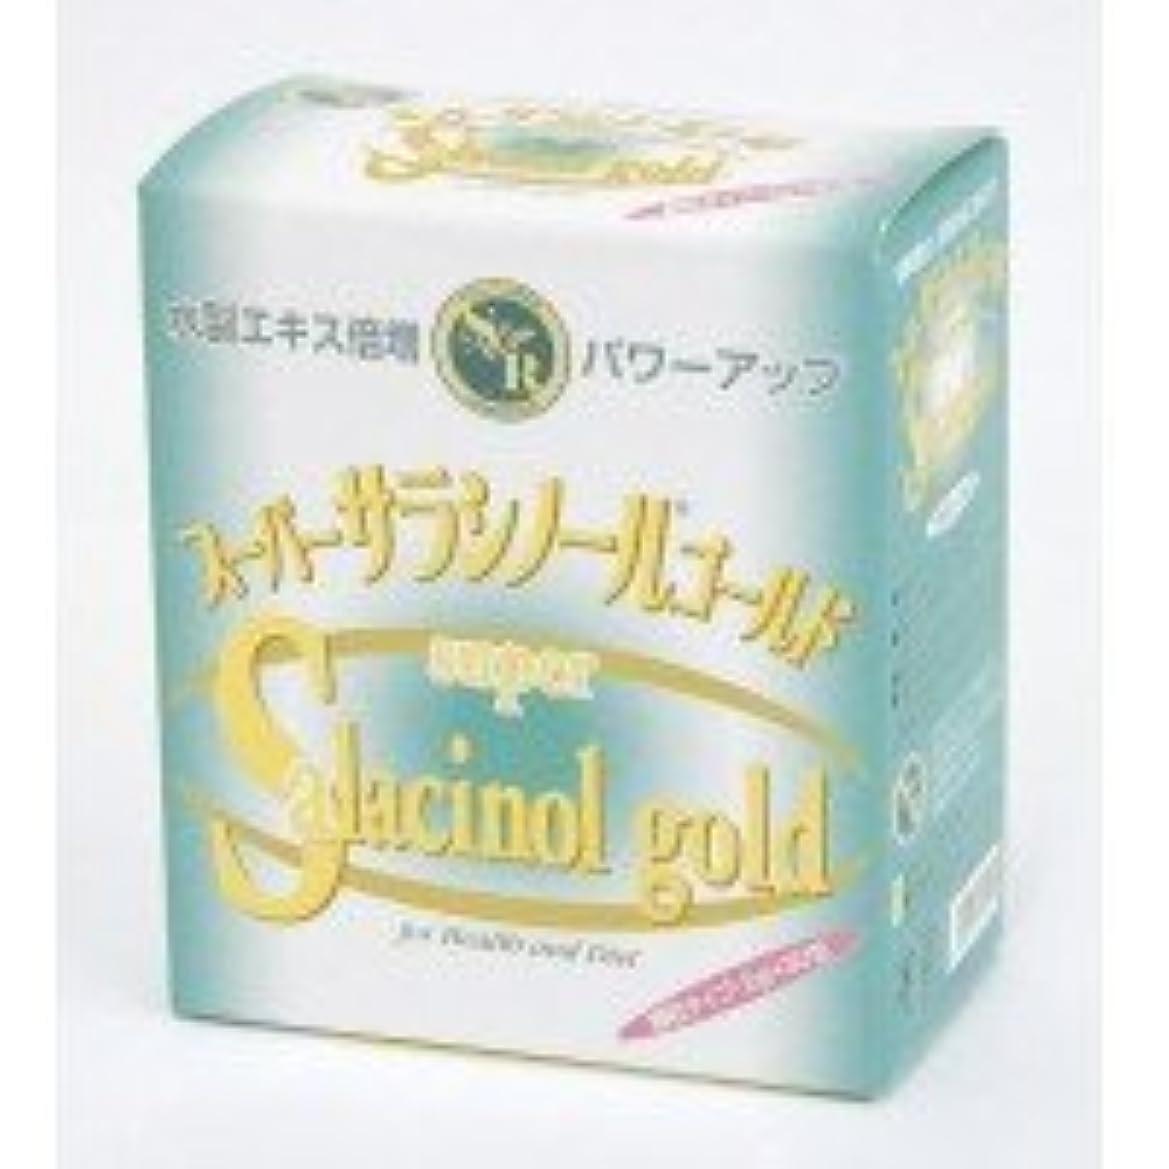 増強マーチャンダイジング再びジャパンヘルス スーパーサラシノールゴールド 2g×30包